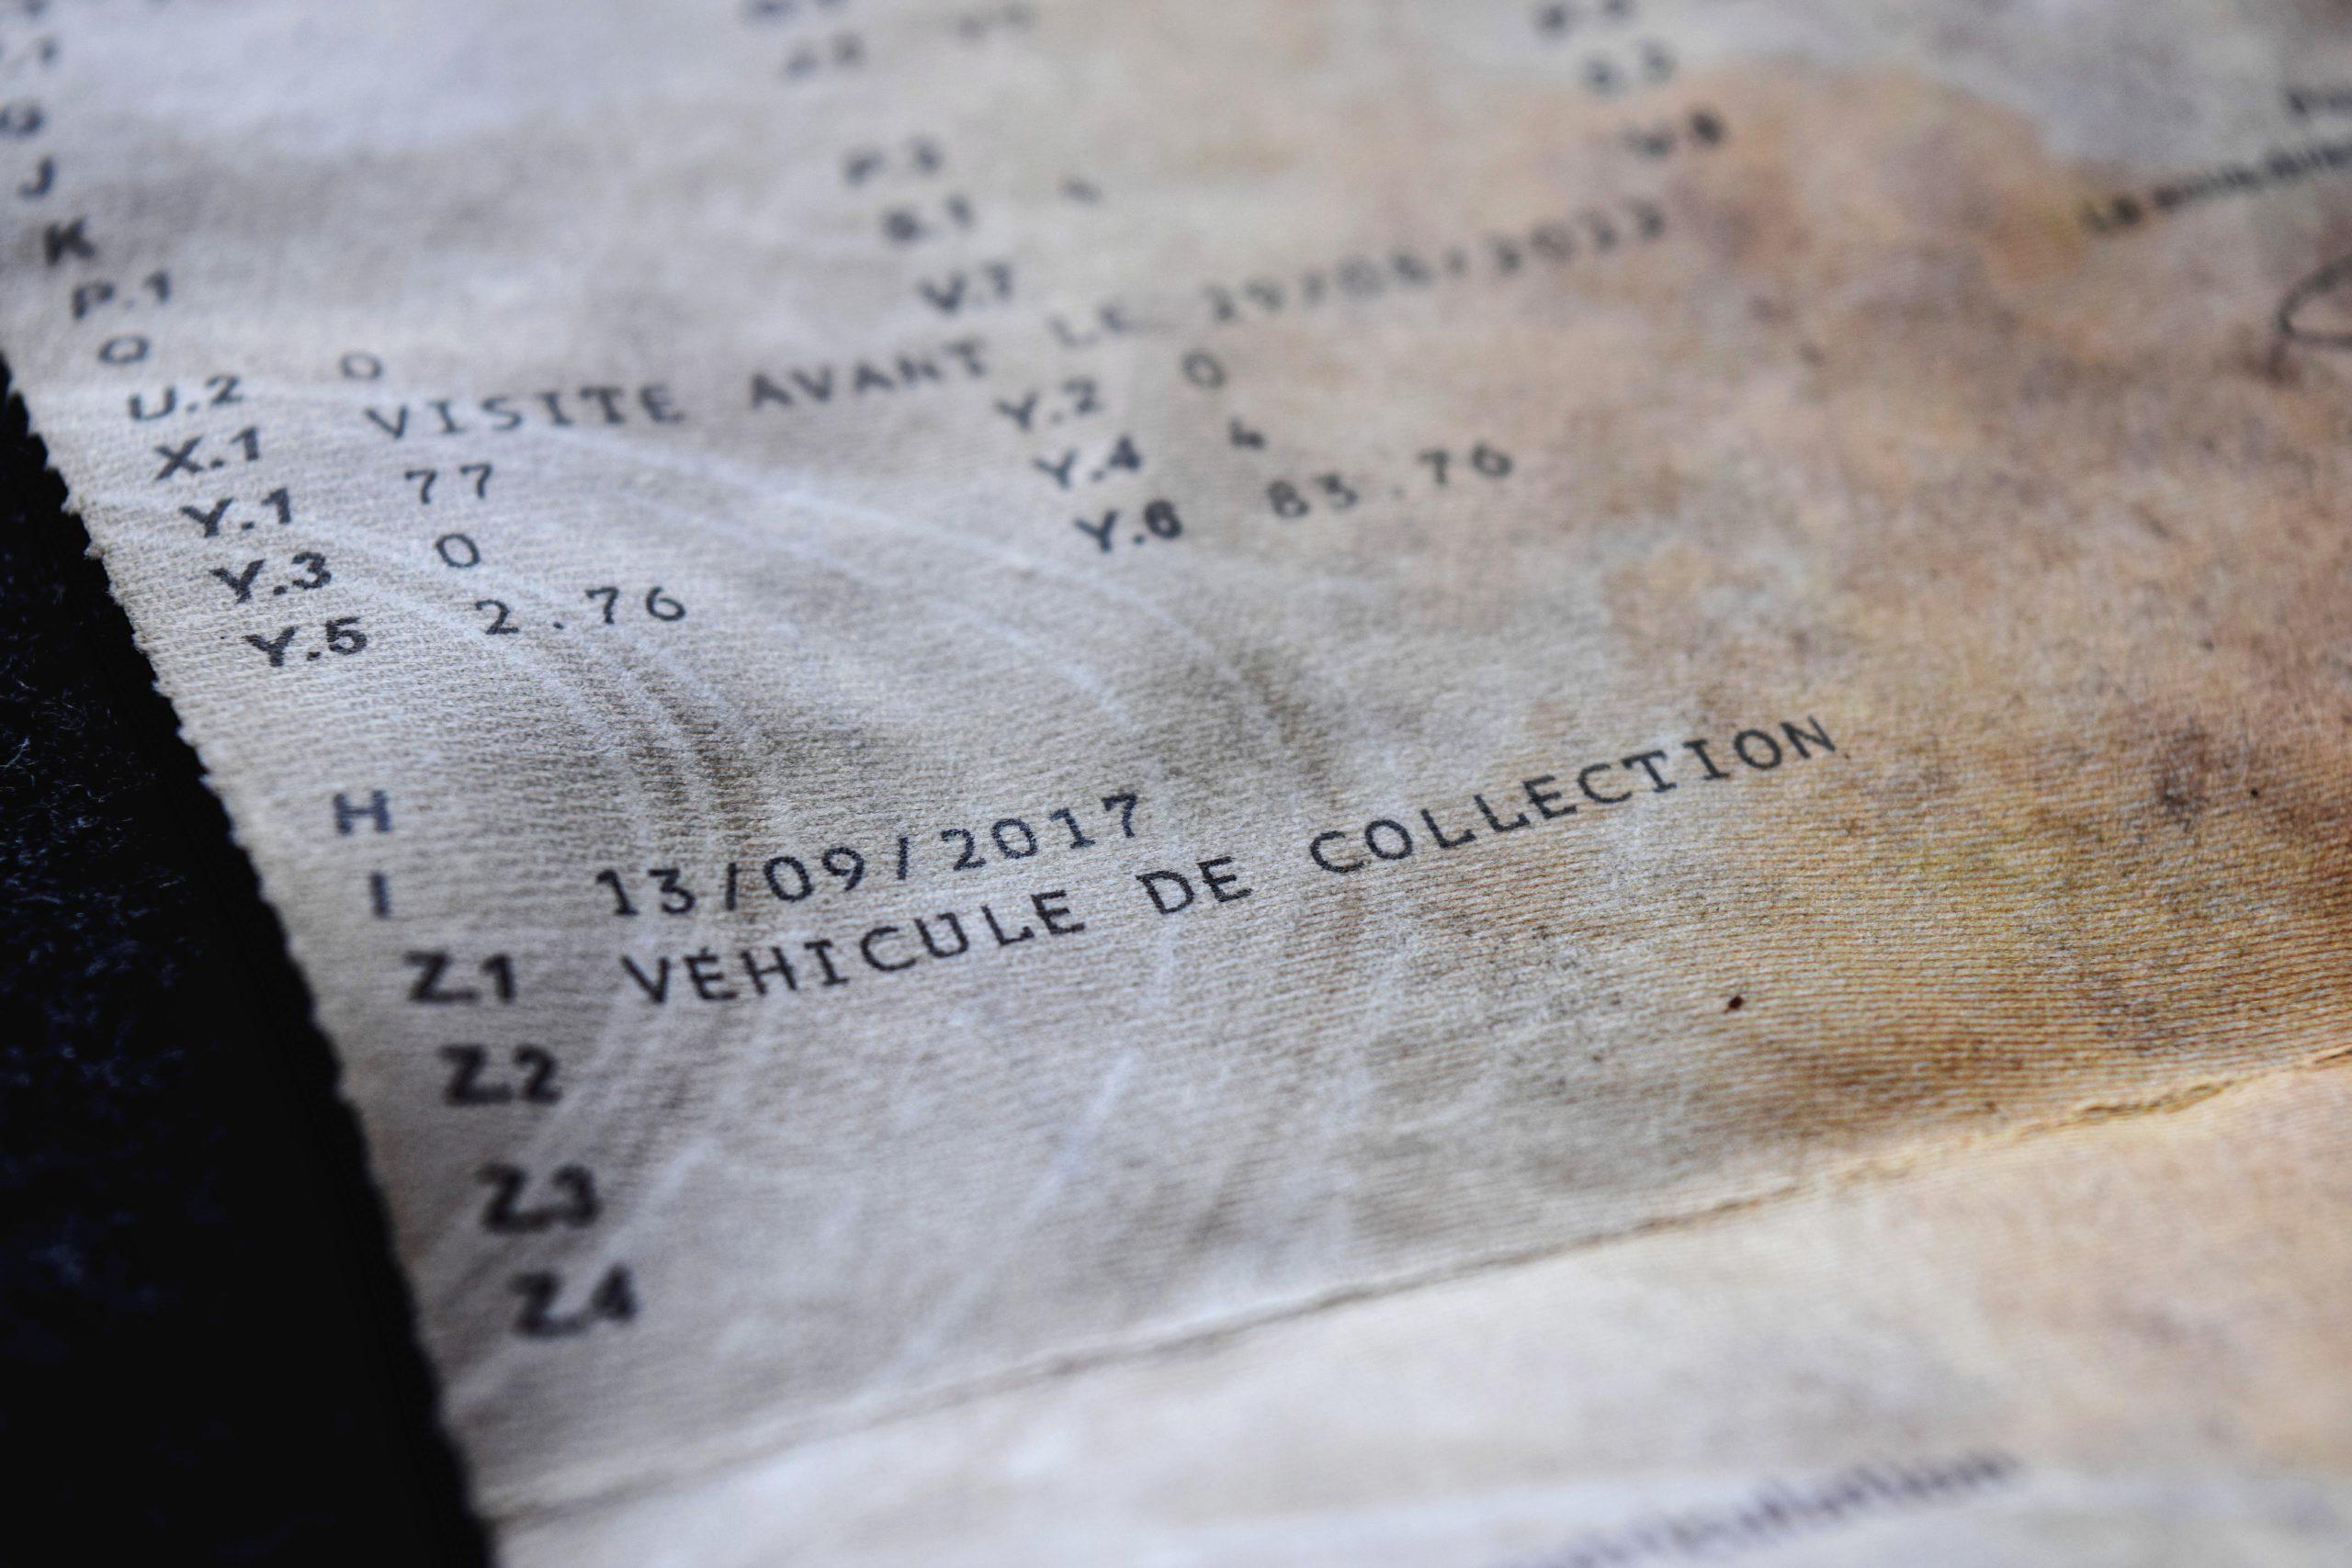 Comment faire changer le propriétaire du véhicule sur sa carte grise ?